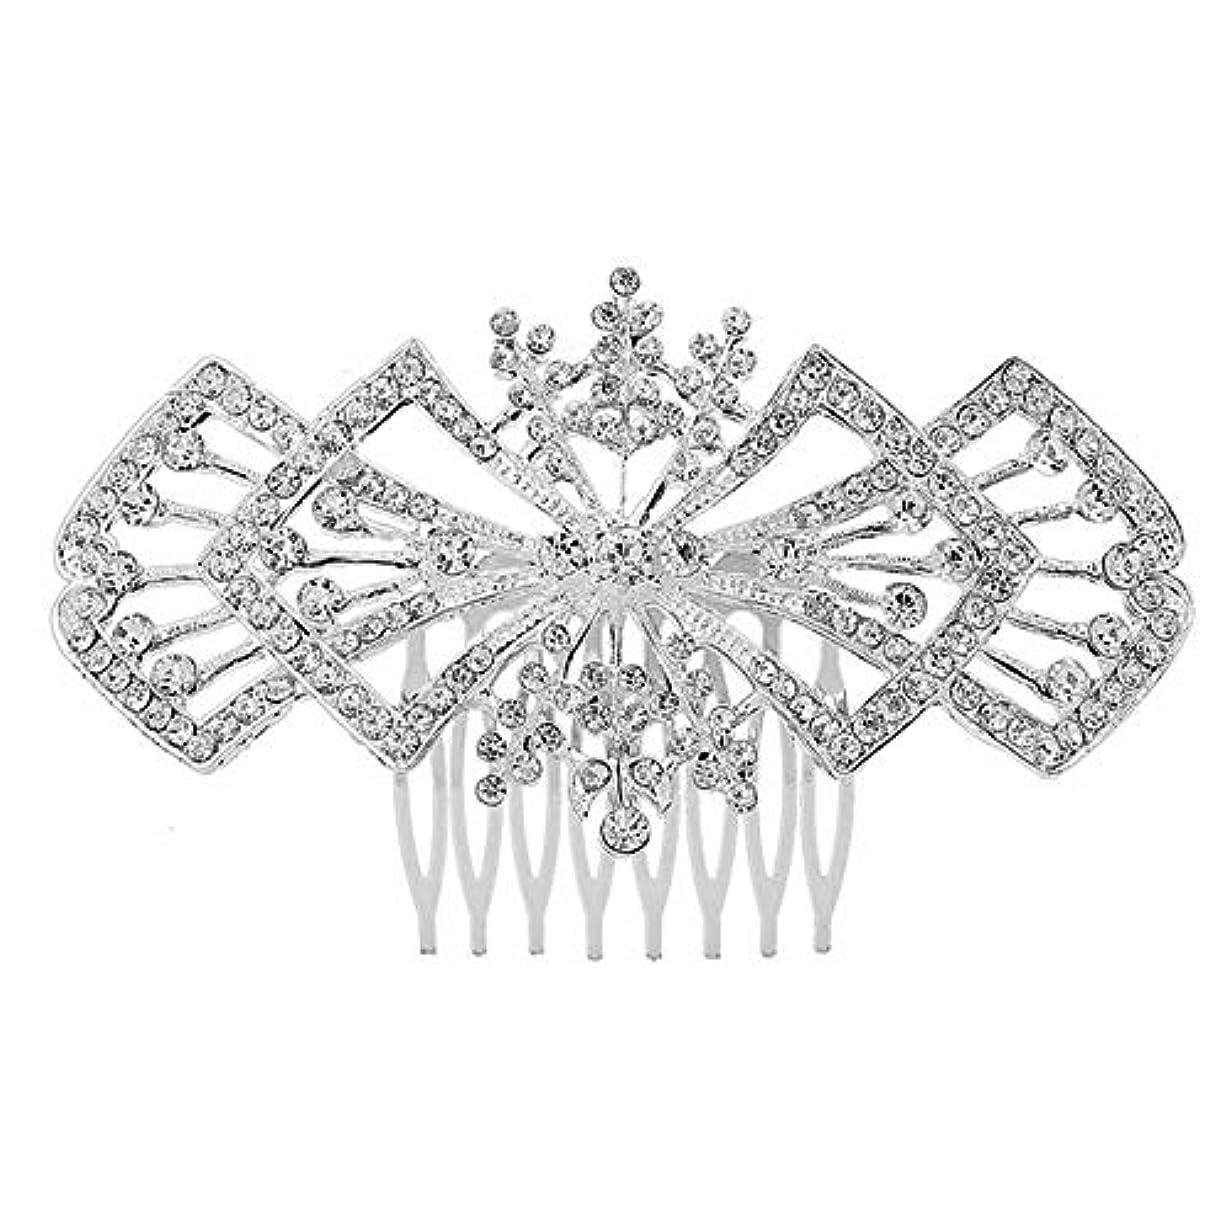 髪の櫛の櫛の櫛の花嫁の髪の櫛の花の髪の櫛のラインストーンの挿入物の櫛の合金の帽子の結婚式の宝石類